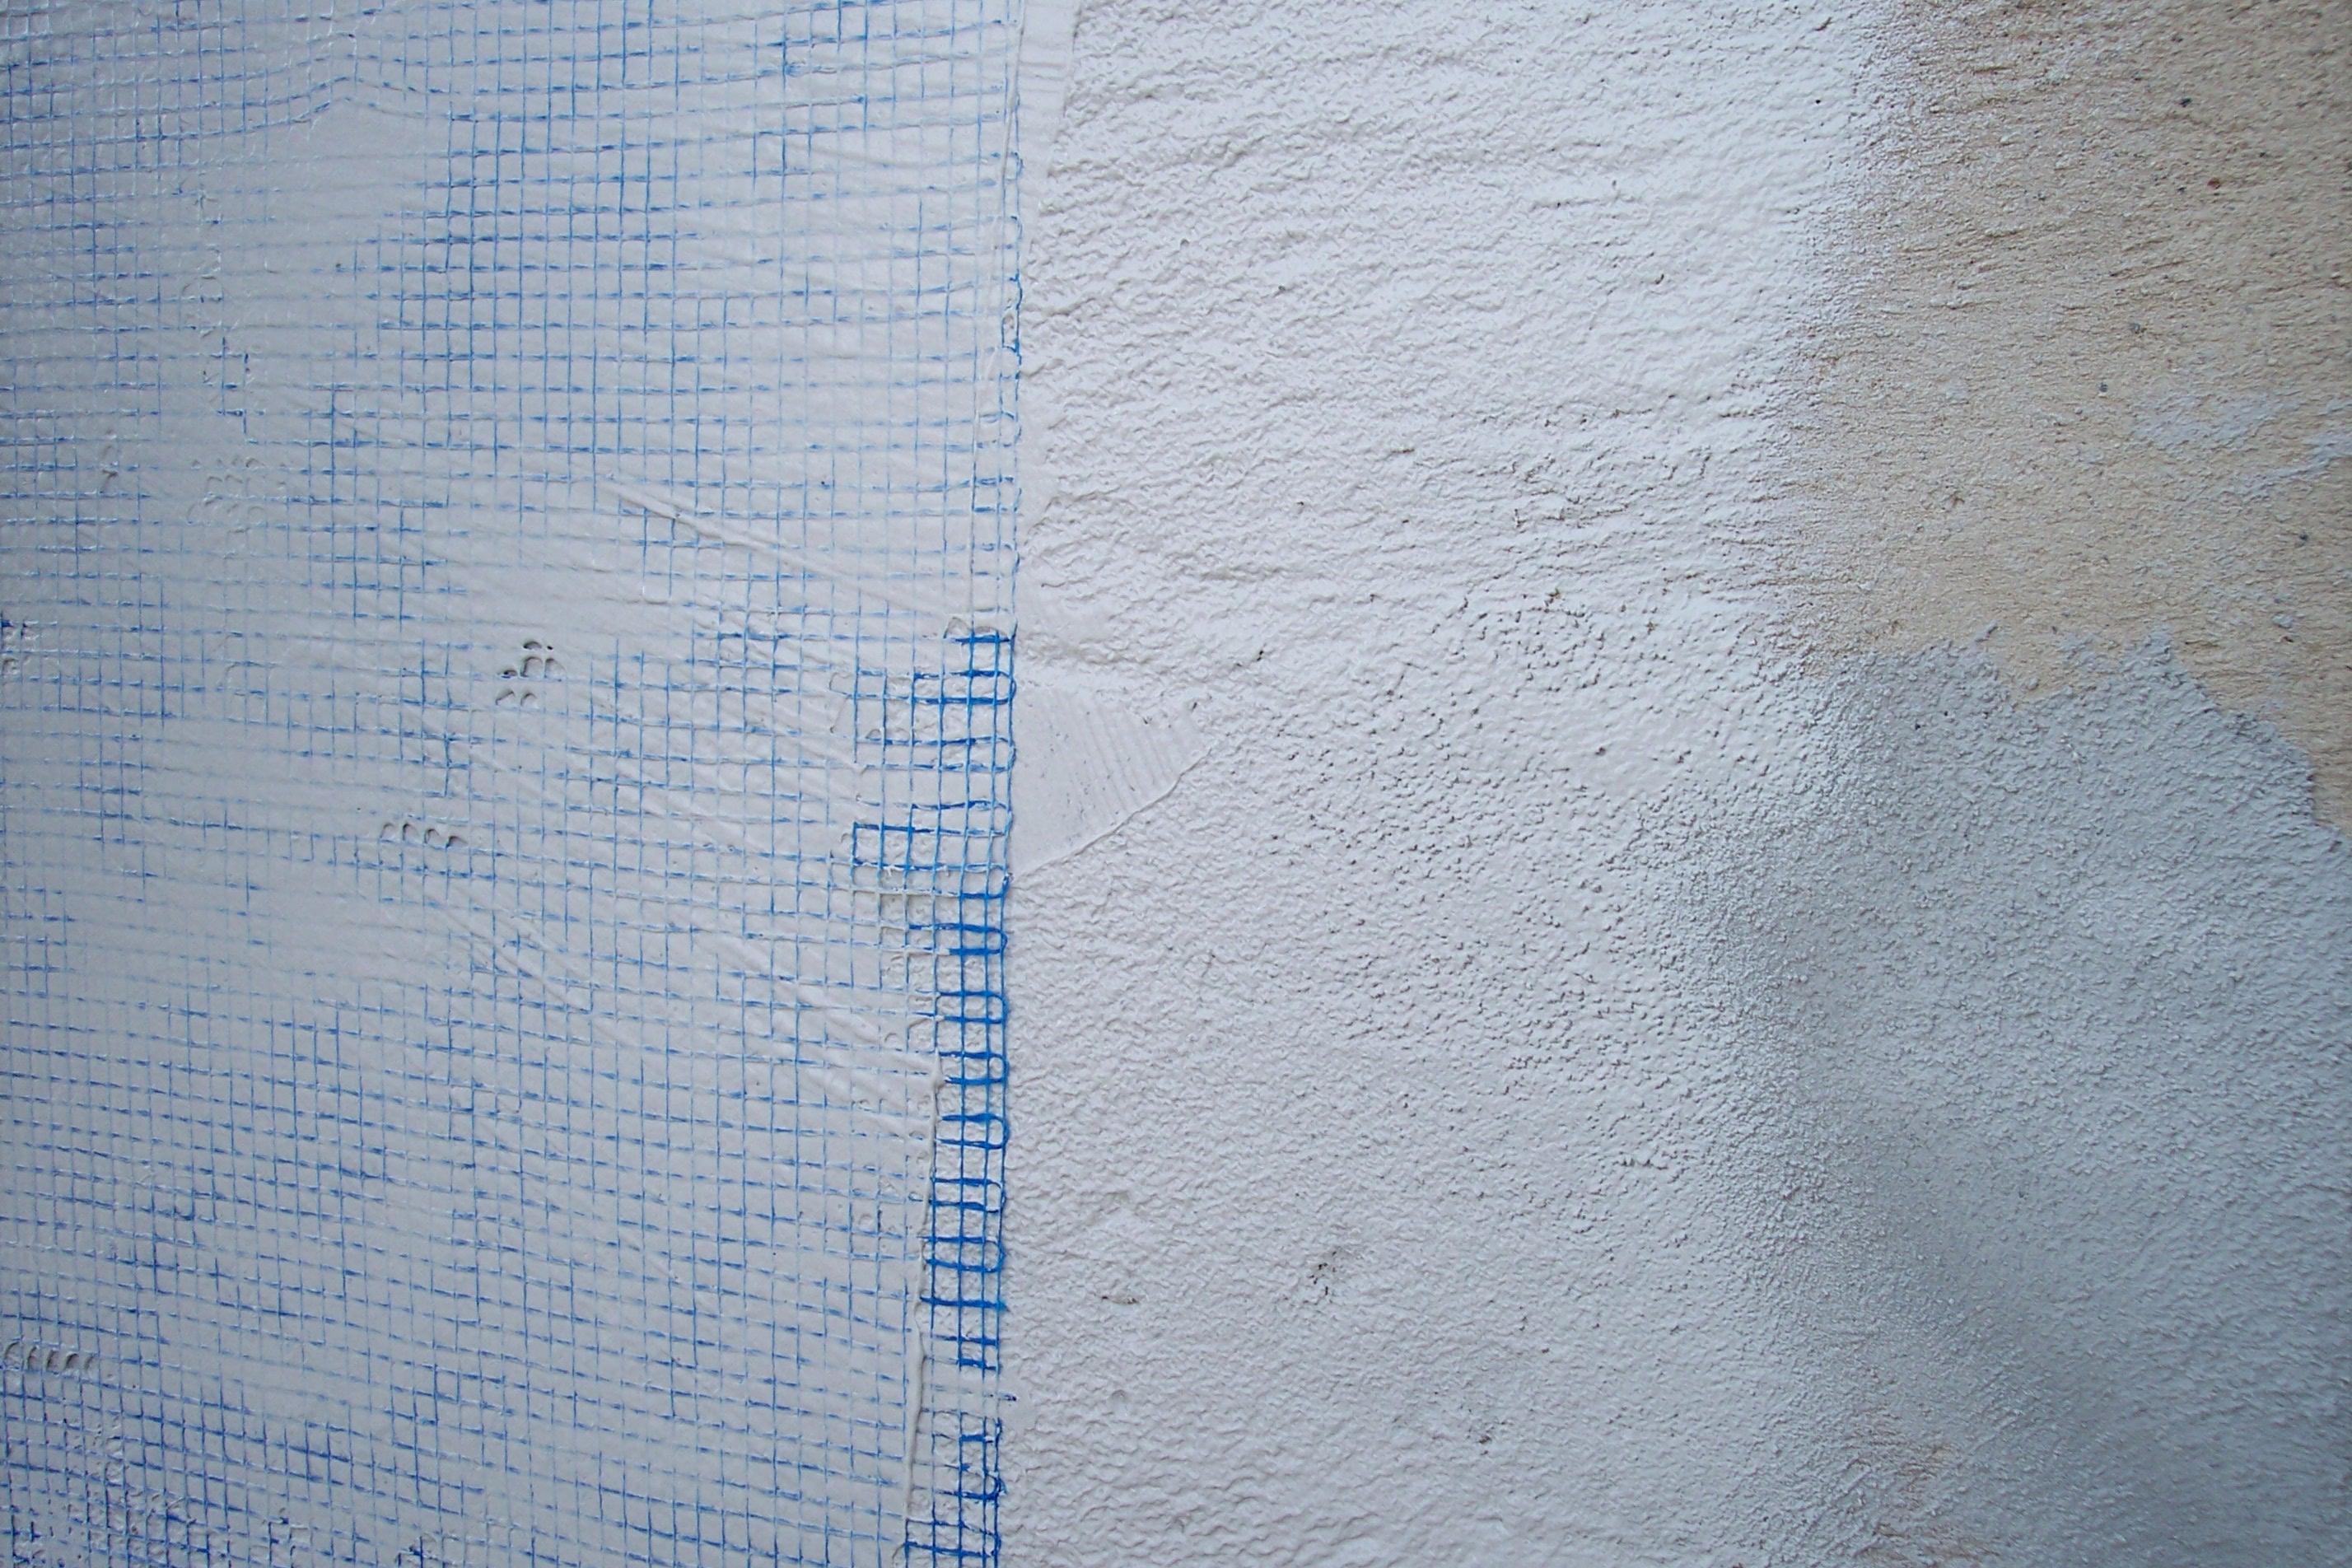 proteje tu fachada con malla antigrietas y luce la mejor fachada siempre